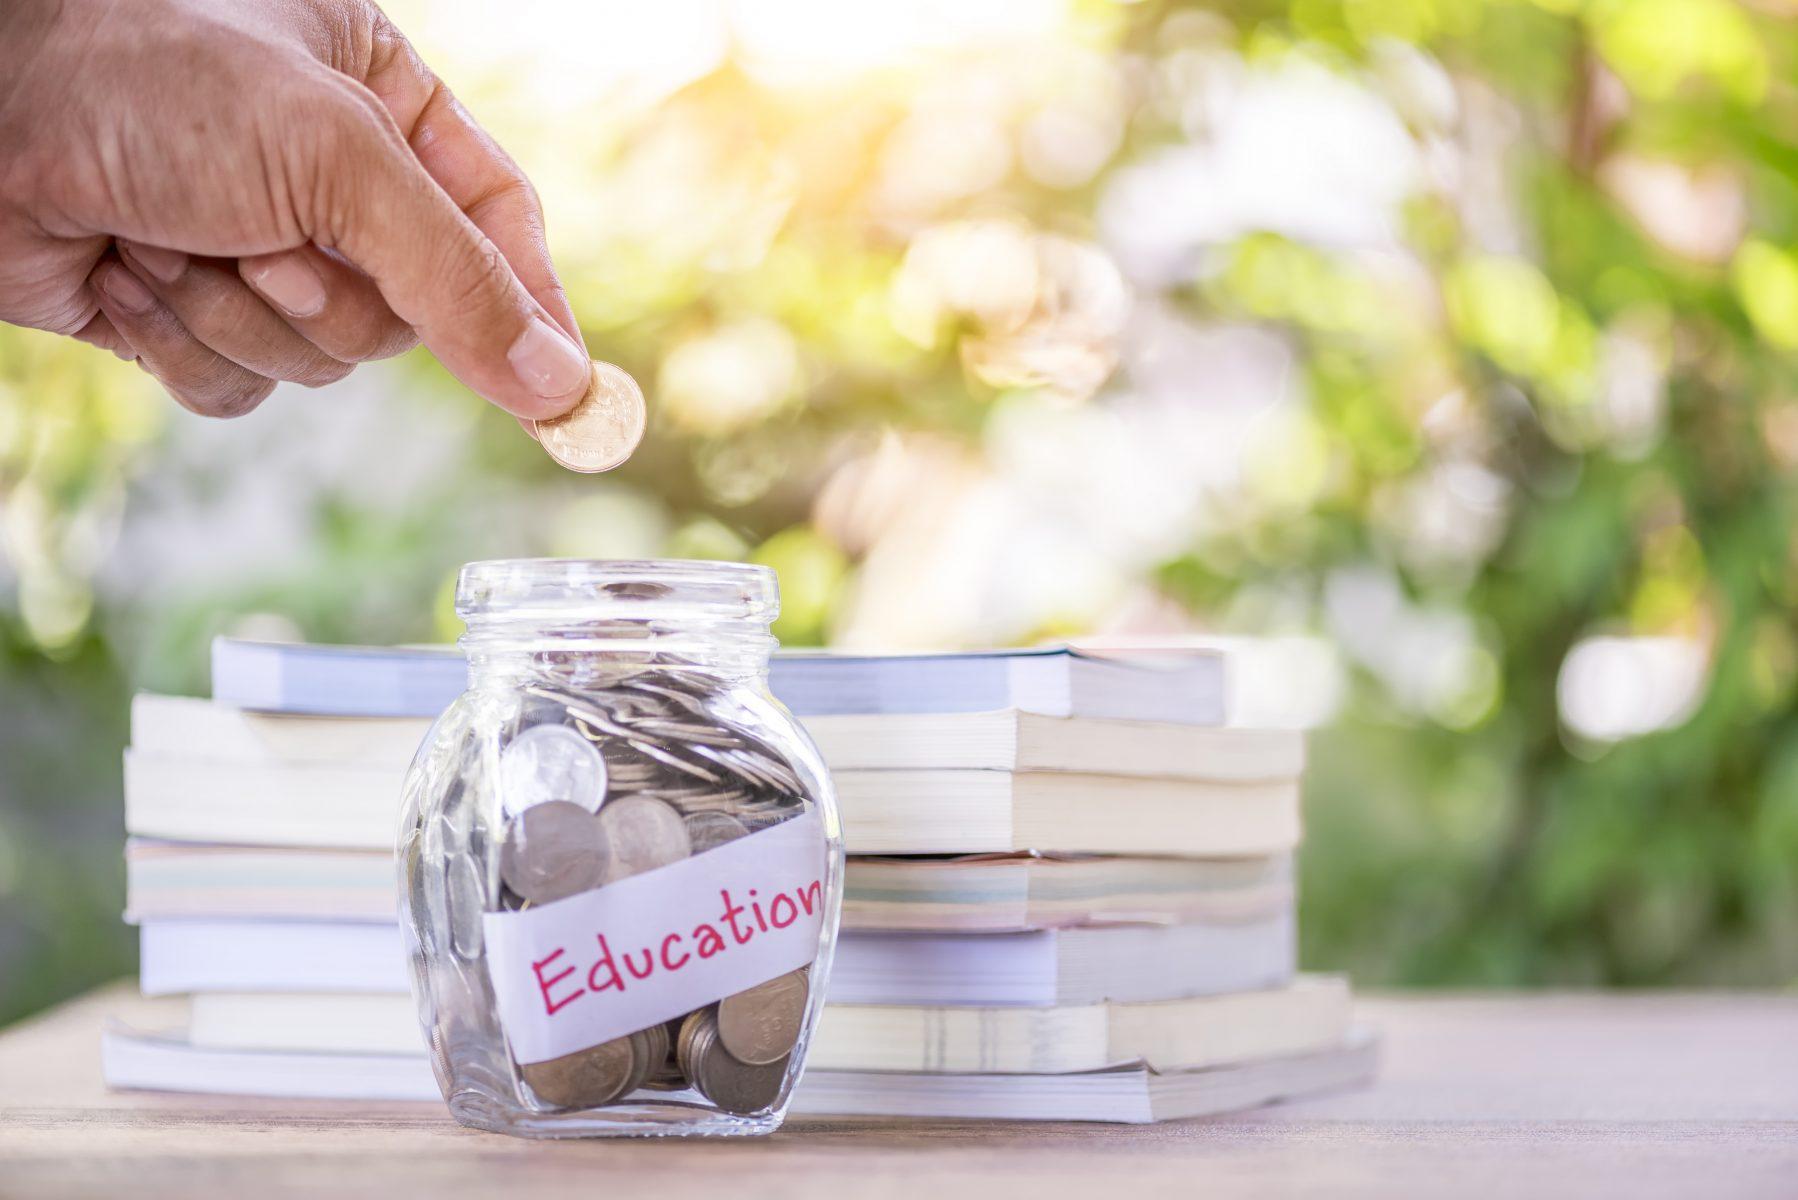 tuition-reimbursement-education-money-jar